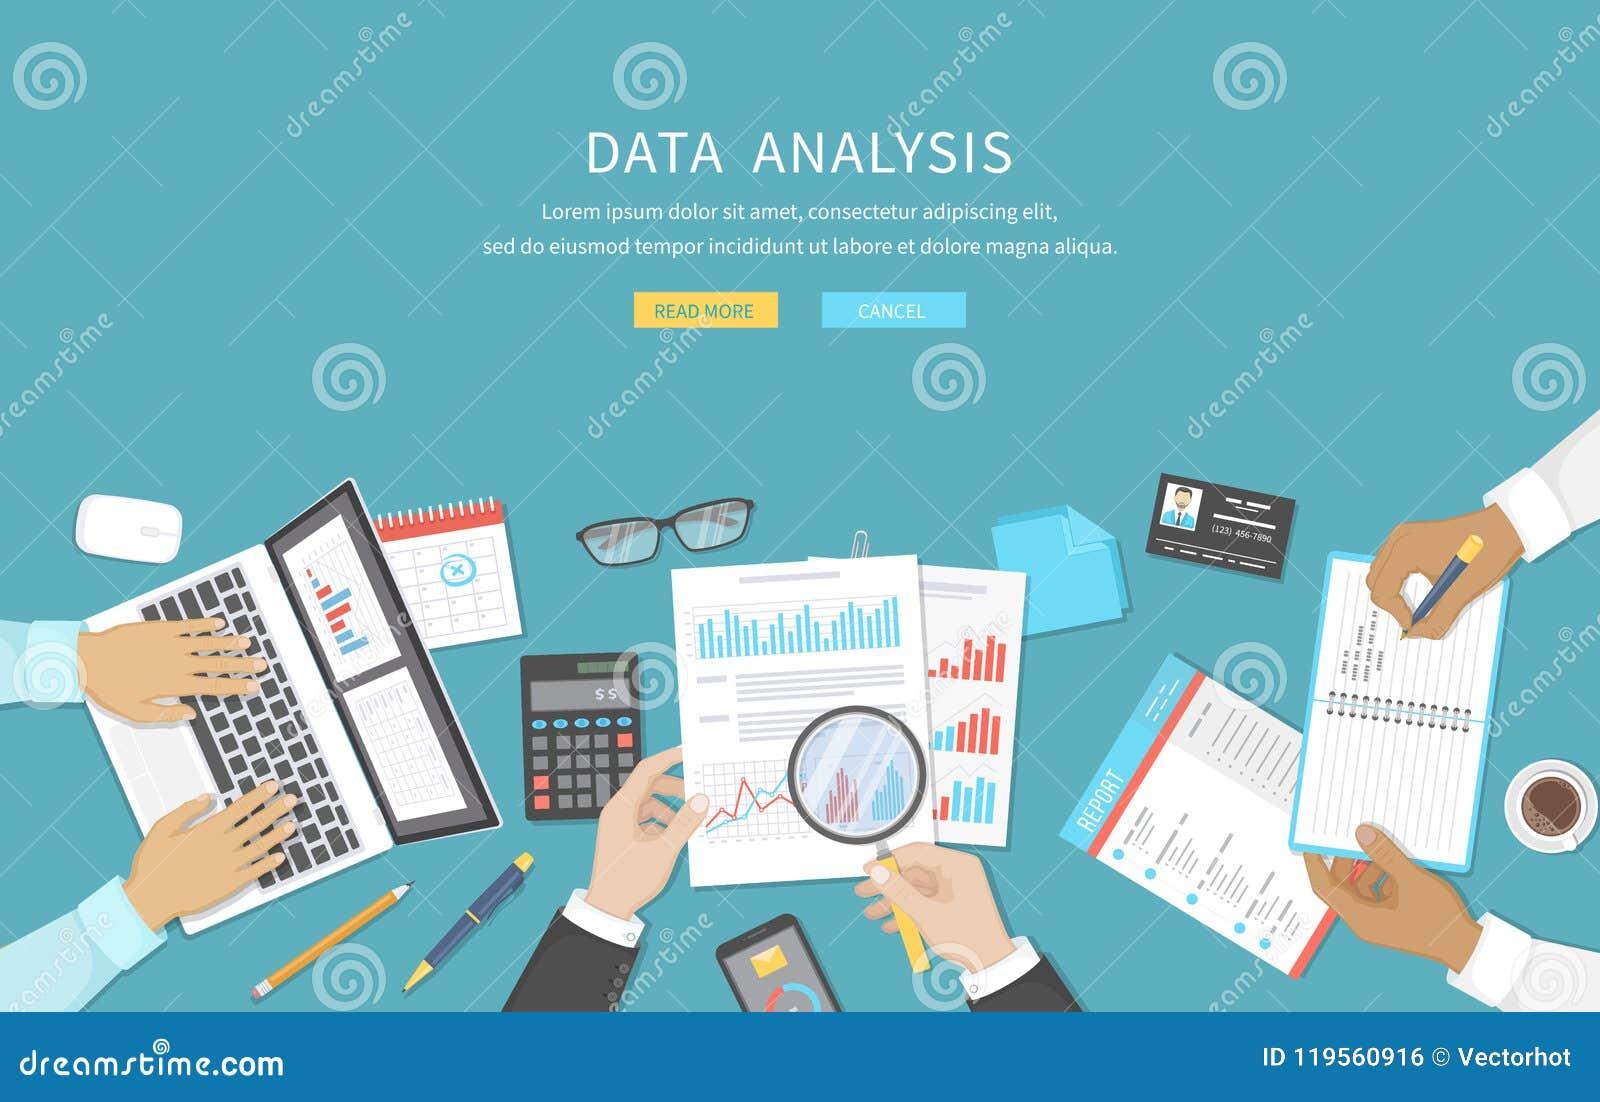 数据分析,业务会议,审计,演算,报告,会计 书桌的人们在工作 递人力表图片